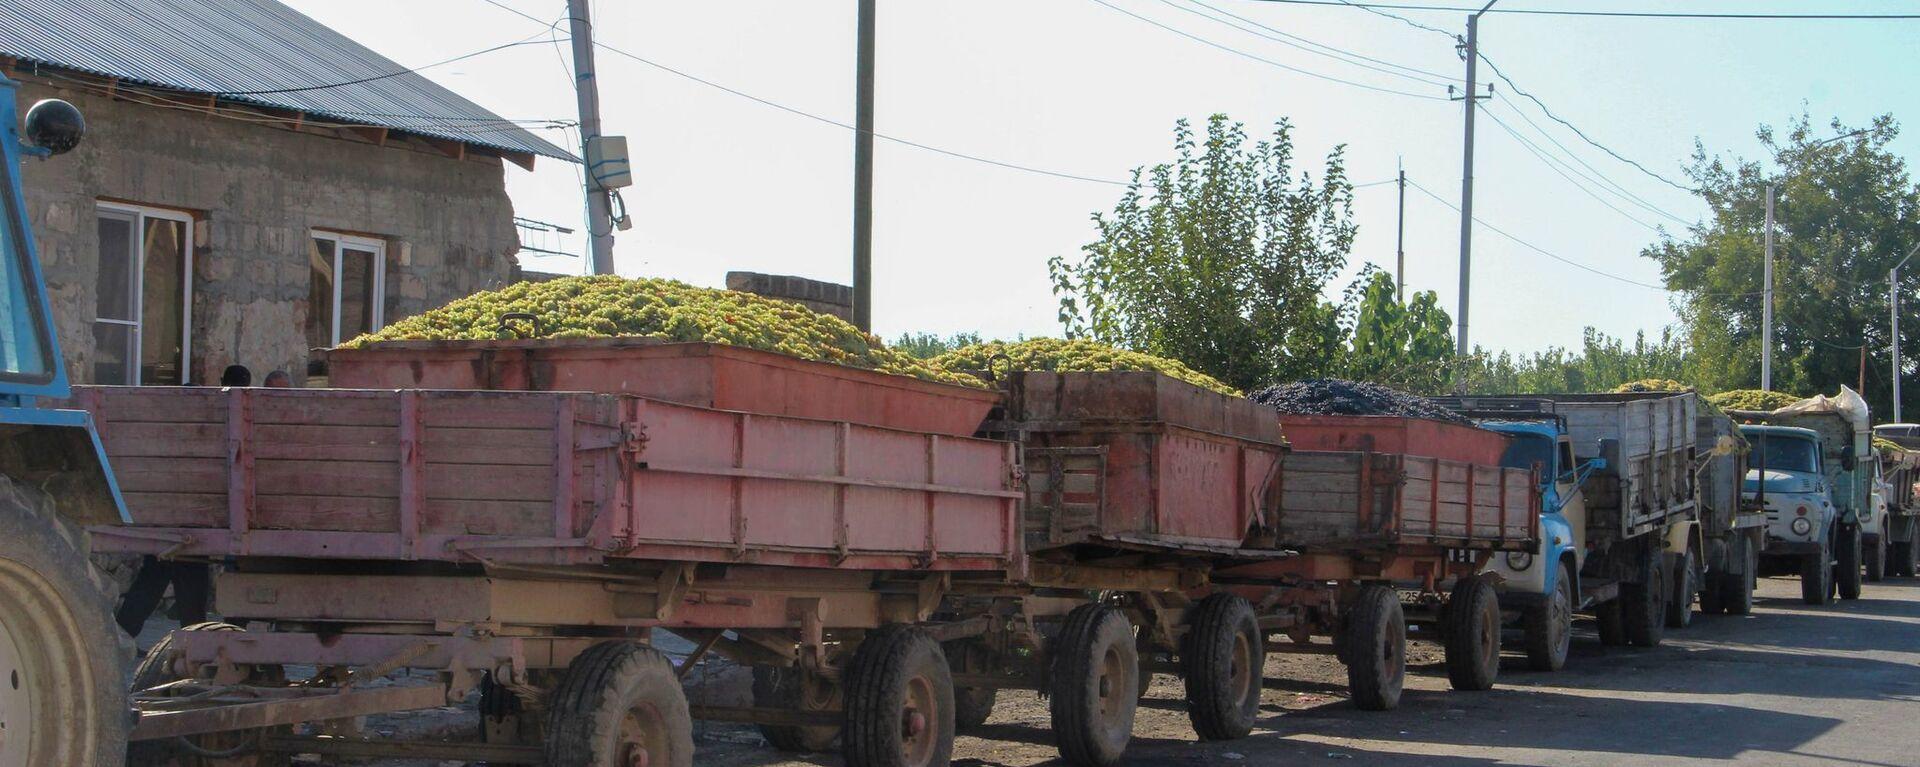 Министр экономики РА Тигран Хачатрян и заместитель министра Арман Ходжоян посетили ряд перерабатывающих предприятий в Араратской области  - Sputnik Արմենիա, 1920, 10.09.2021